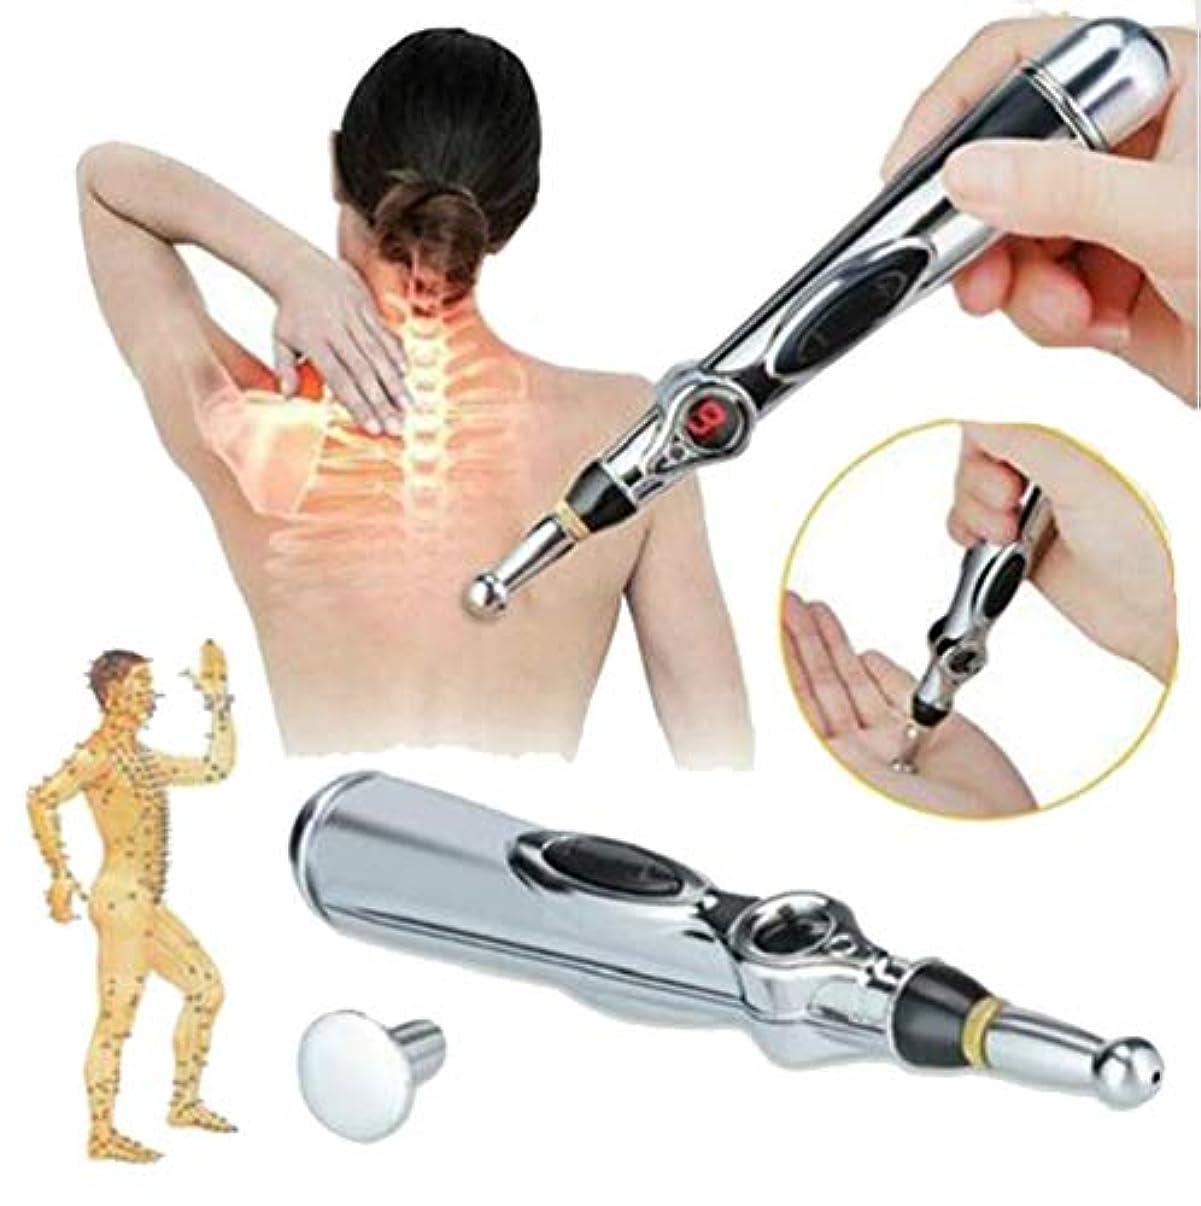 フラスコステージハンディ電子鍼ペン経絡レーザー鍼灸器マグネットマッサージャー家庭用医療器